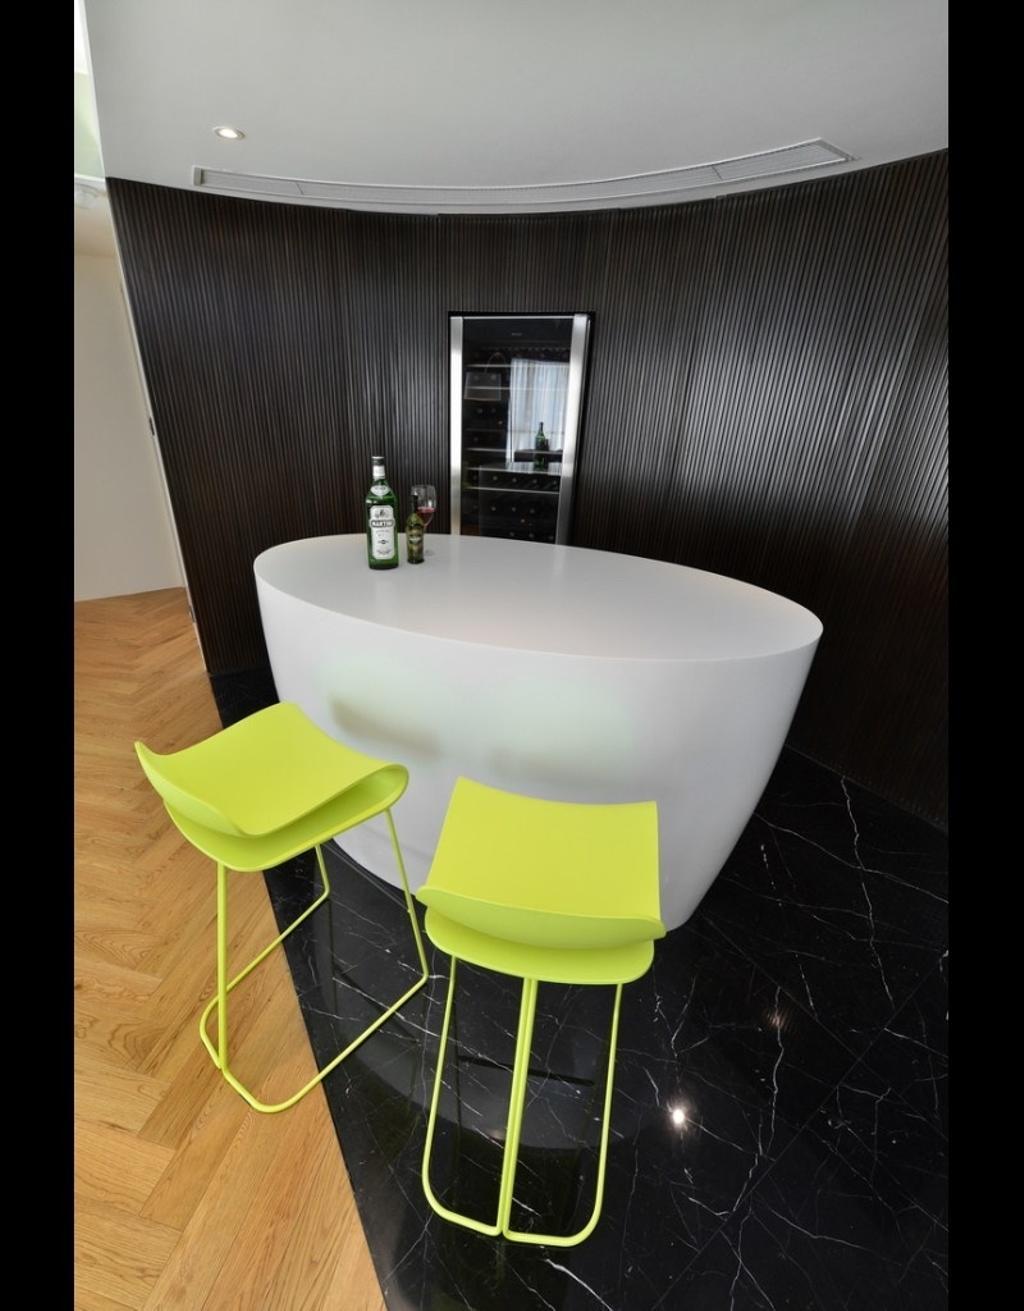 隨性, 私家樓, 逸濤灣, 室內設計師, KOO interior design, 當代, Chair, Furniture, Door, Sliding Door